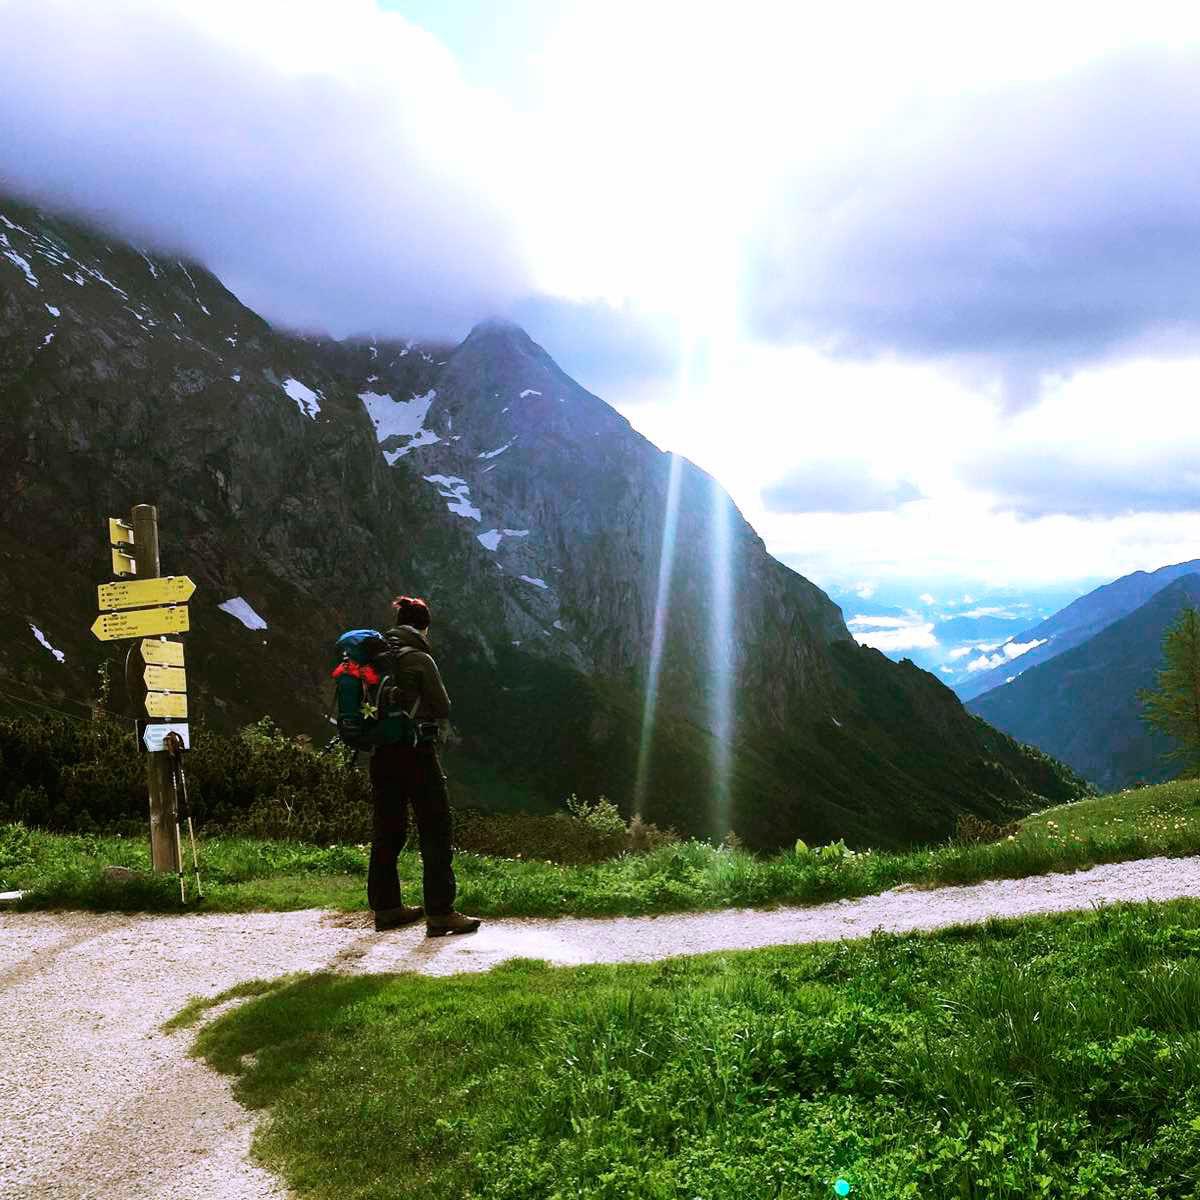 bea-froehlich-Carl-von-Stahl-Haus_Richtung_Schneibstein_Berchtesgaden-wandern-wandertour